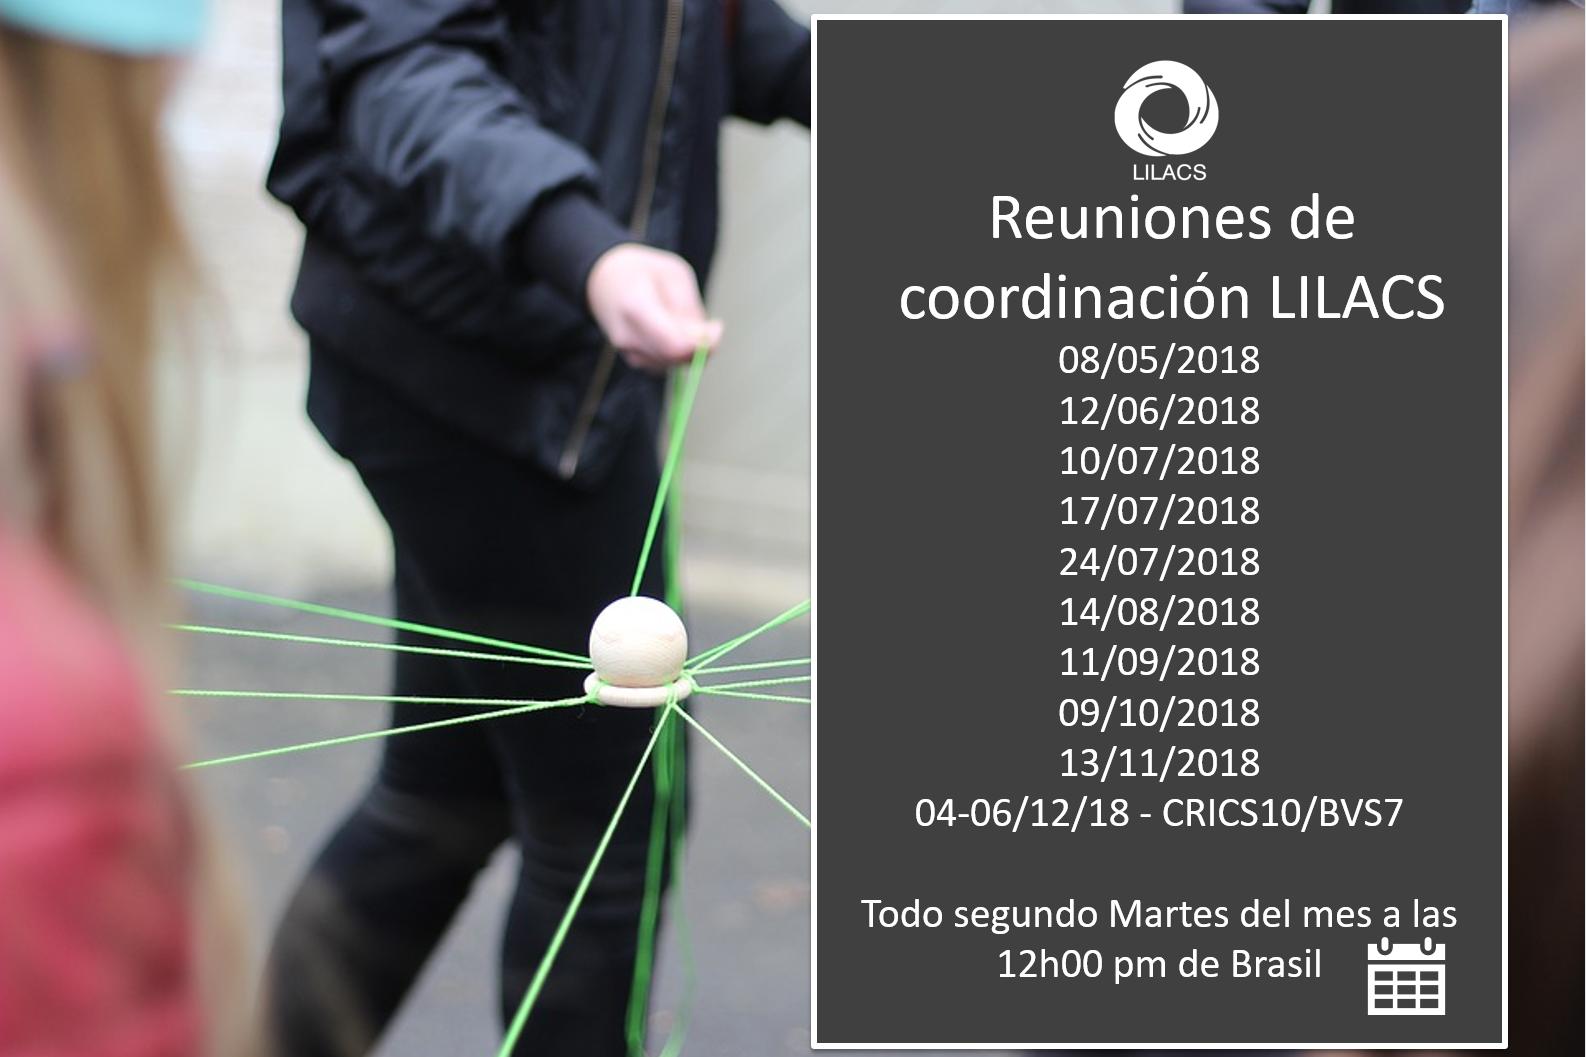 Reuniones de Coordinación LILACS 2018